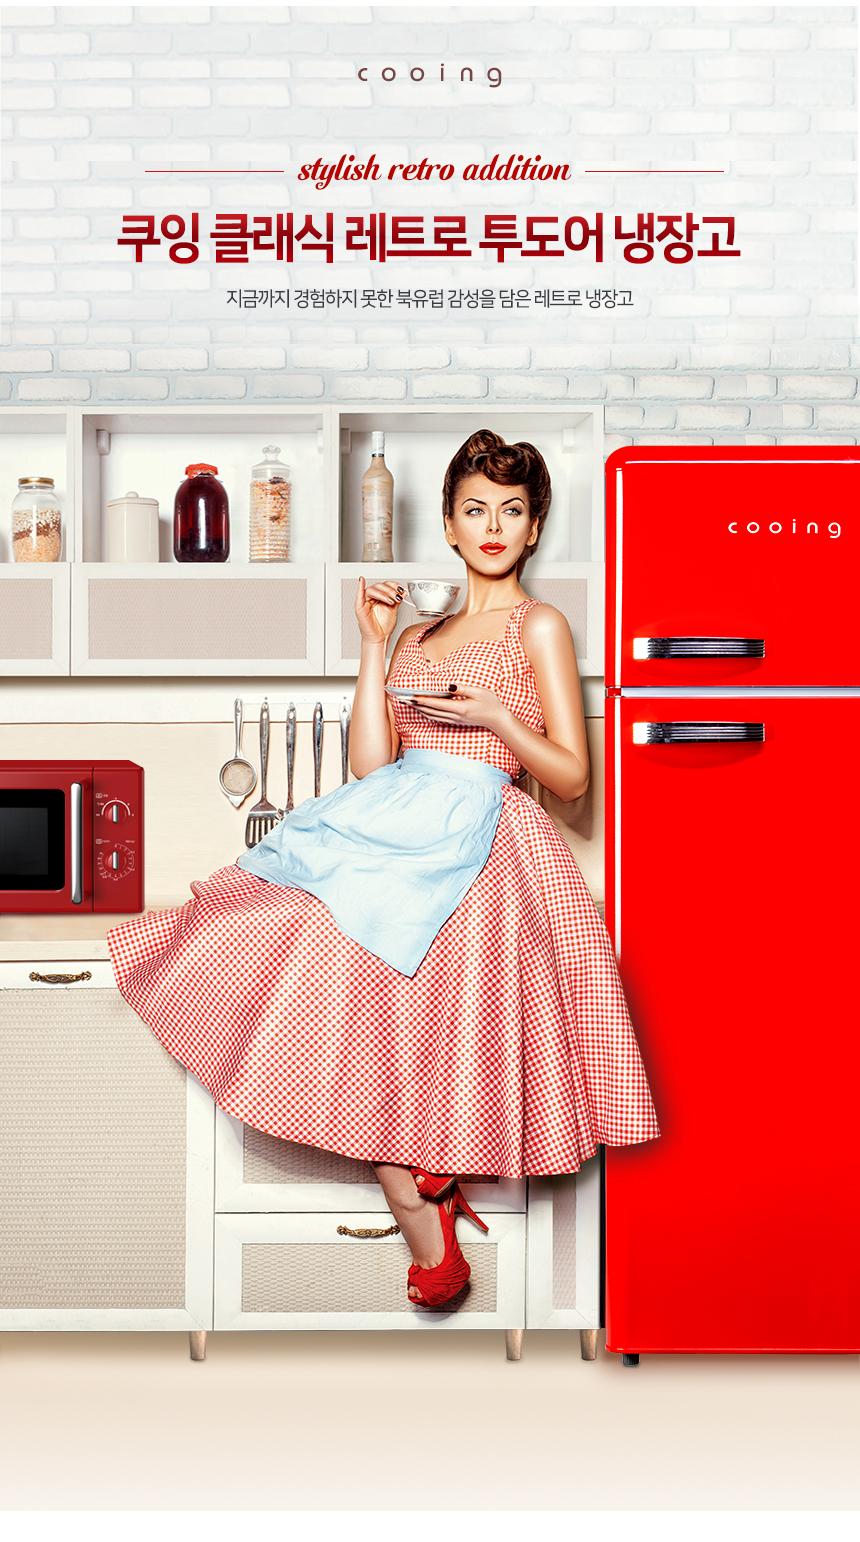 상세페이지 1, 쿠잉 스타일리쉬, 레트로 에디션 냉장고, REF-D215R, 1년 무상보증, 레트로, 냉장고